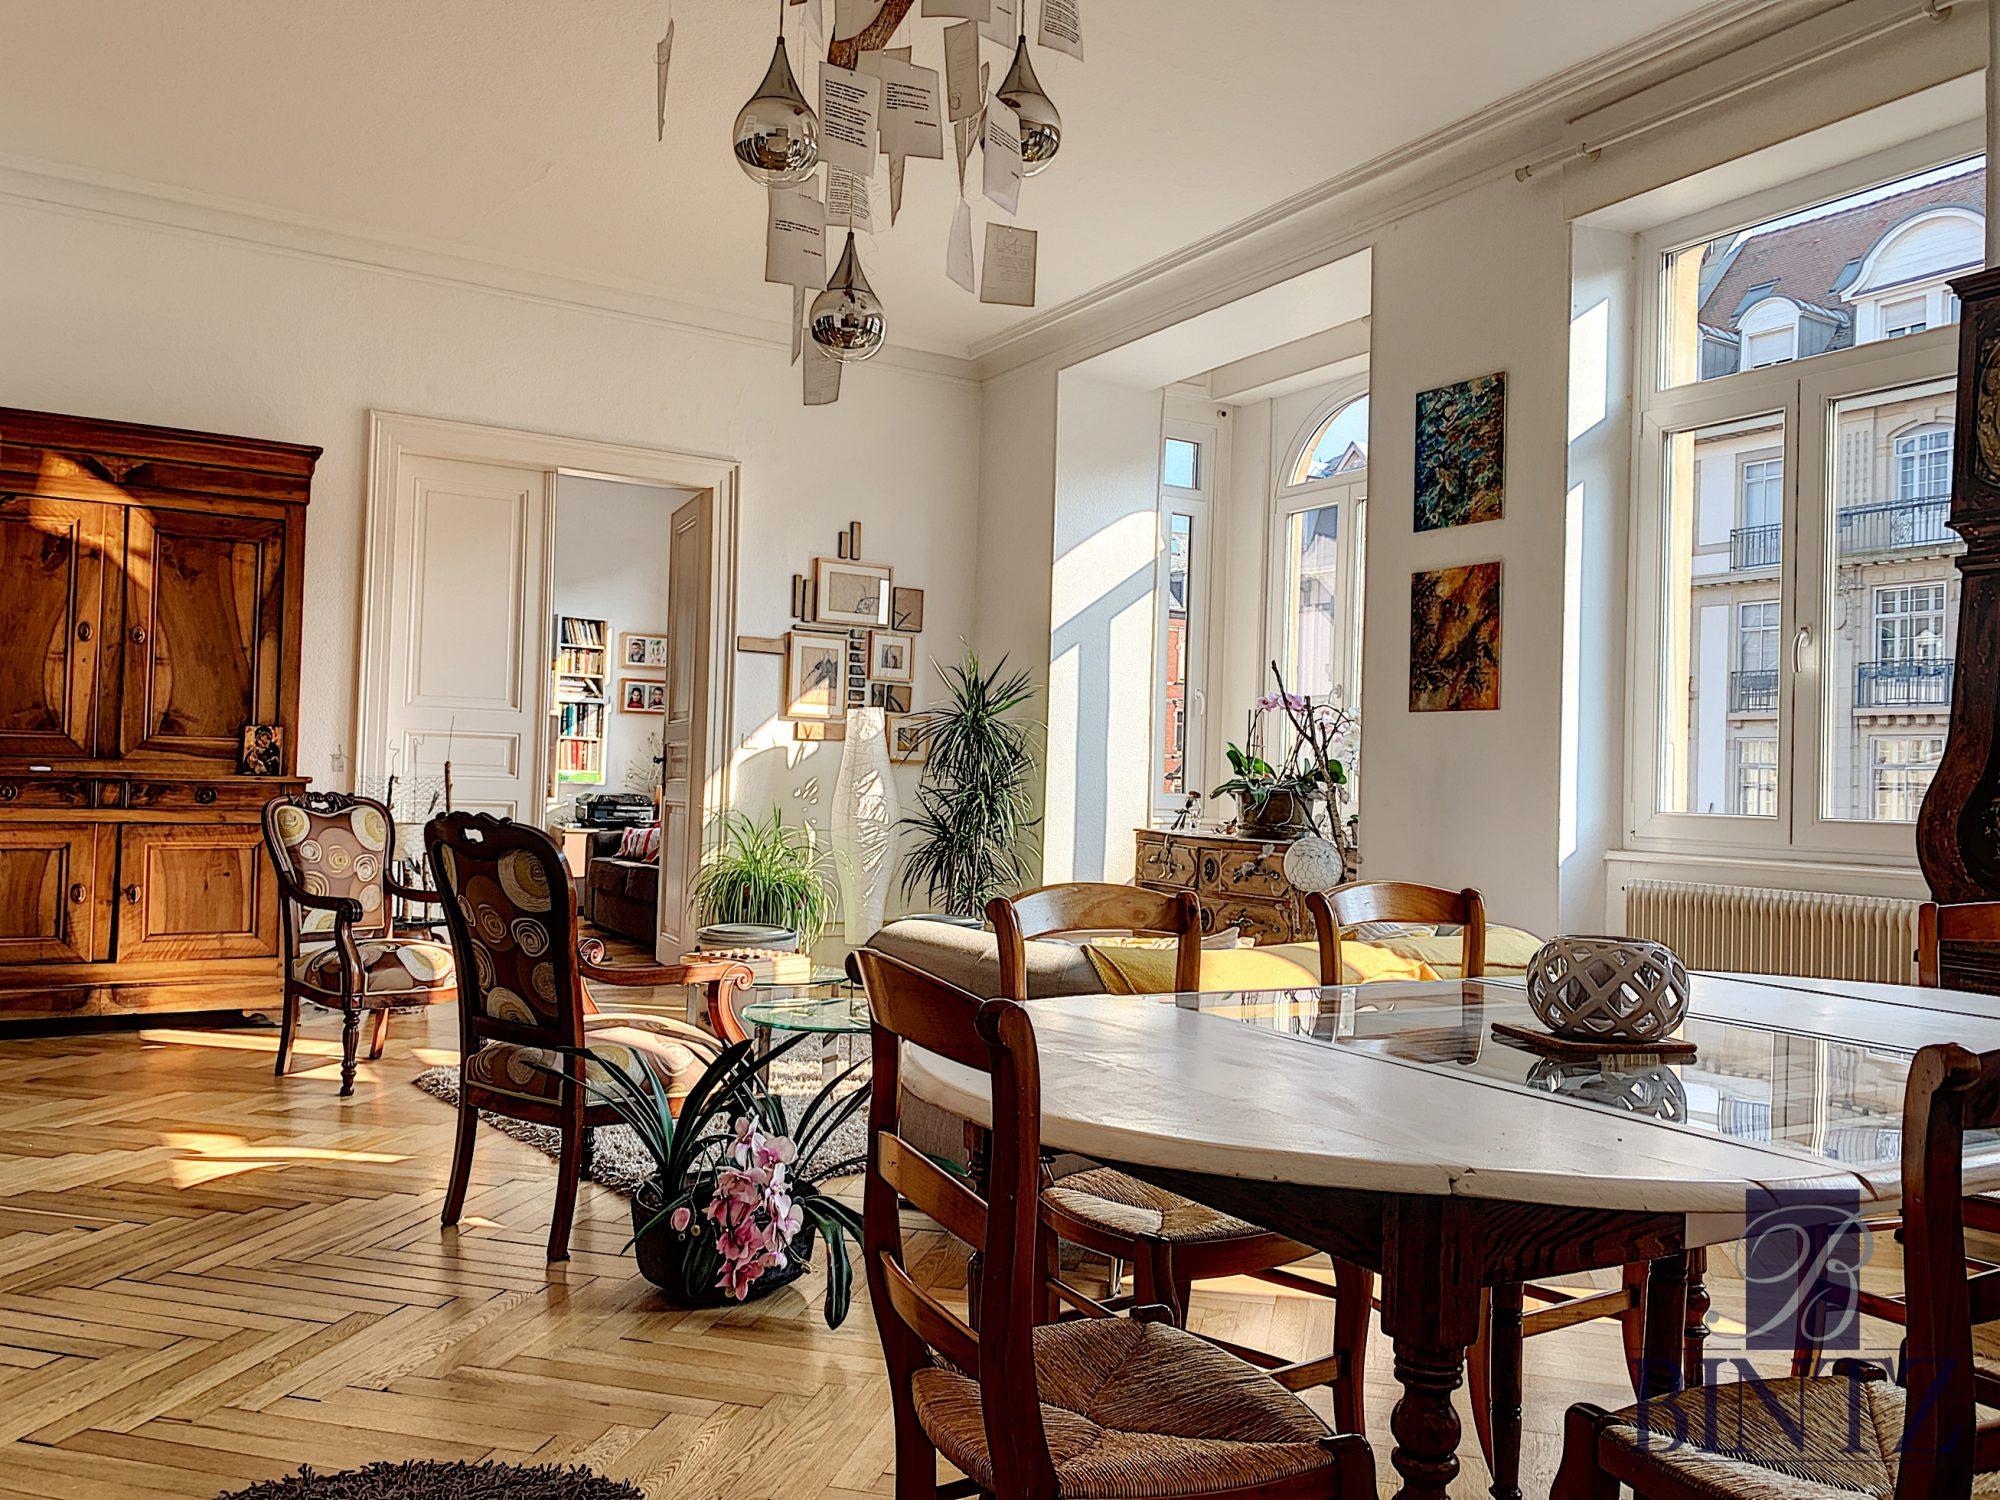 Appartement contemporain quartier forêt noire - Devenez propriétaire en toute confiance - Bintz Immobilier - 2